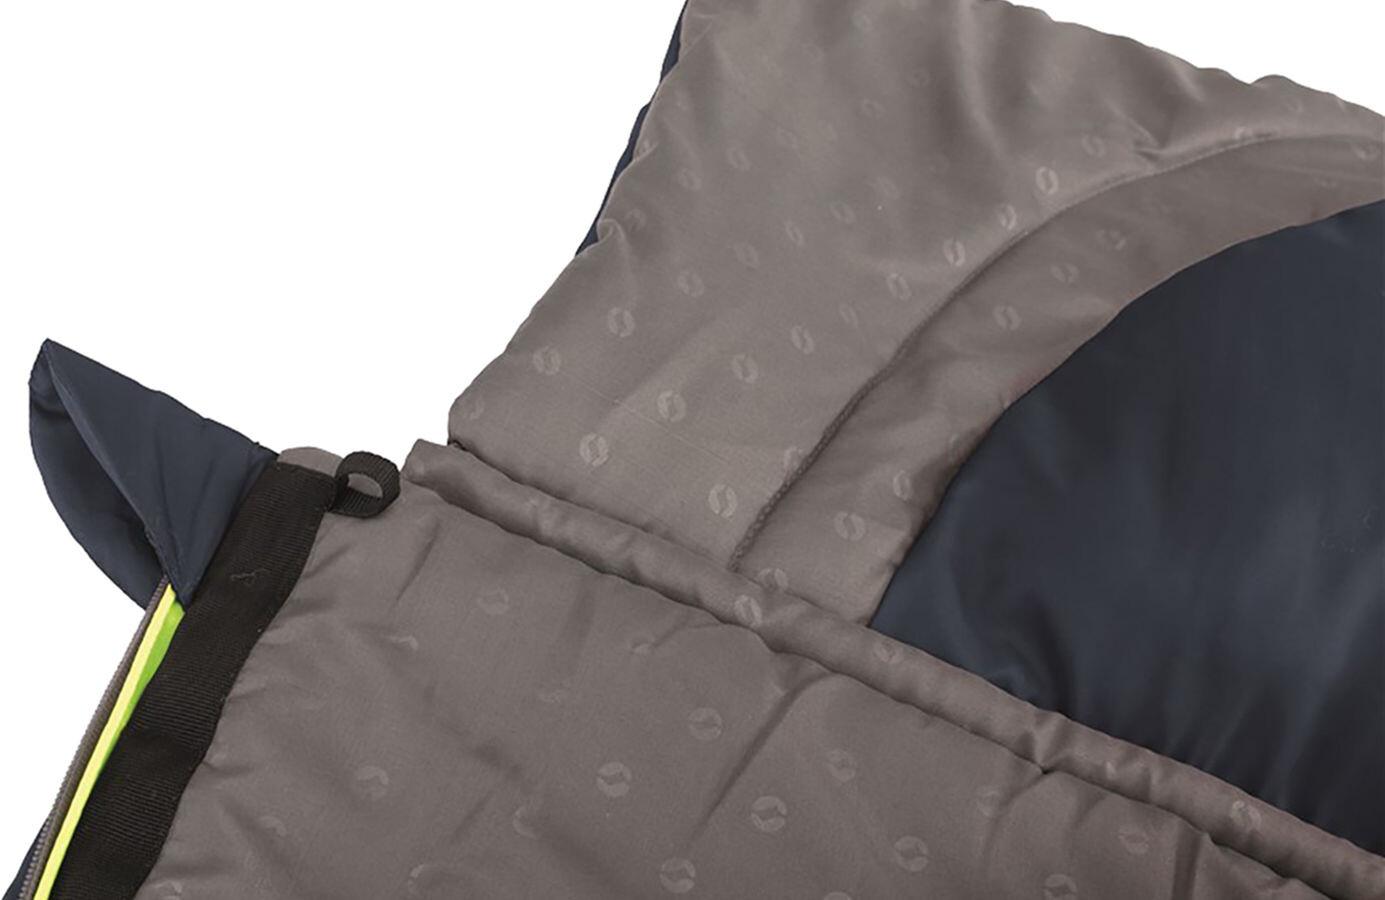 Lækker Outwell Contour Lux Sovepose XL | Find outdoortøj, sko & udstyr på UY-06